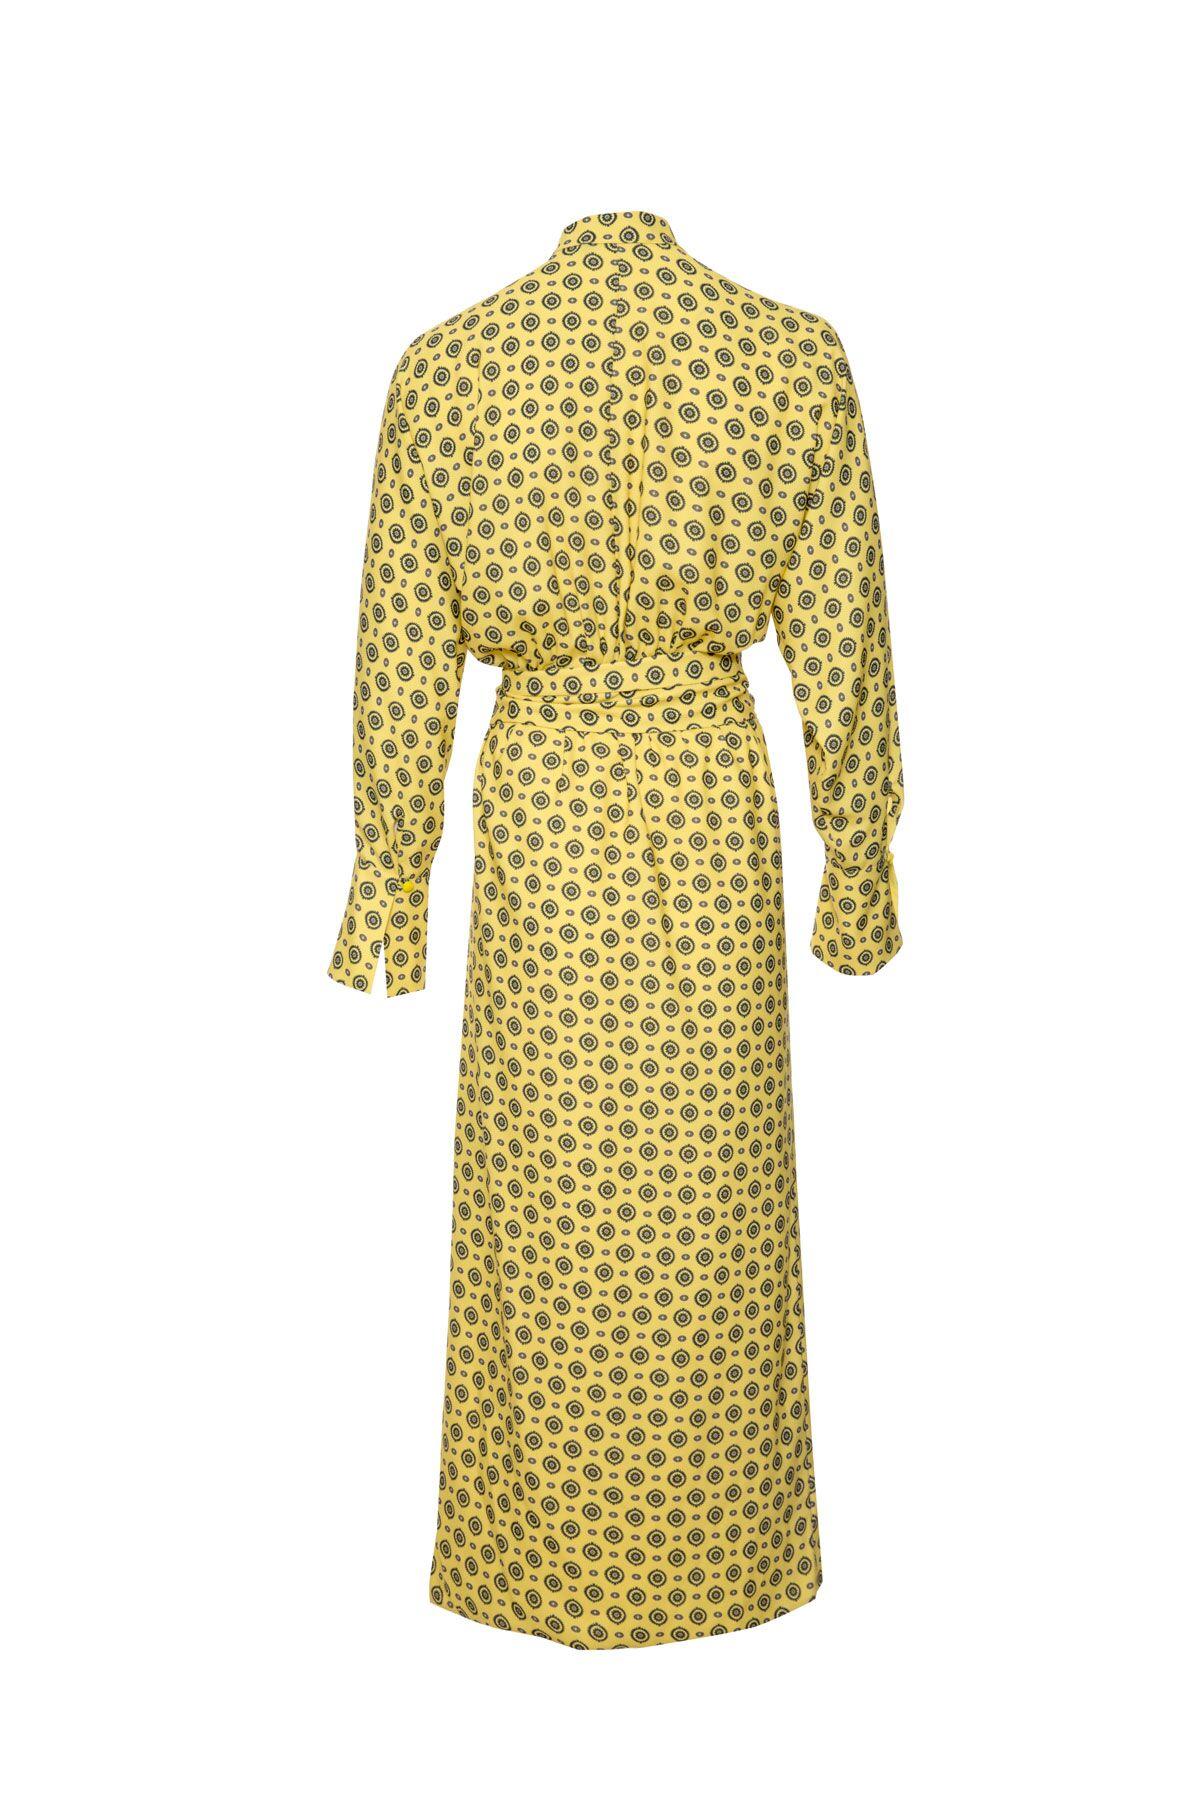 Önü Dökümlü Desenli Gömlek Elbise